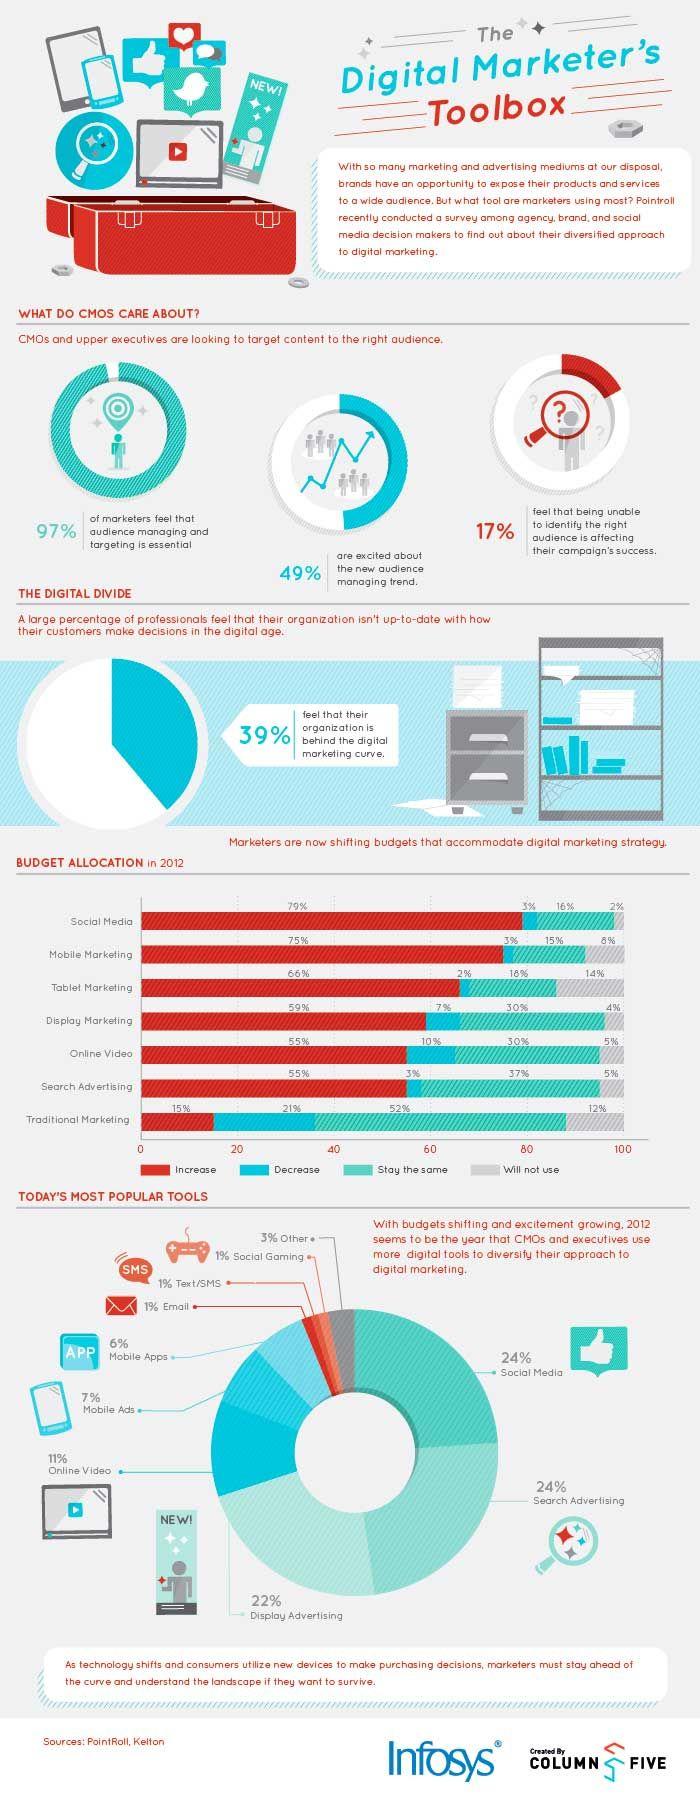 La caja de herramientas del #MarketingDigital